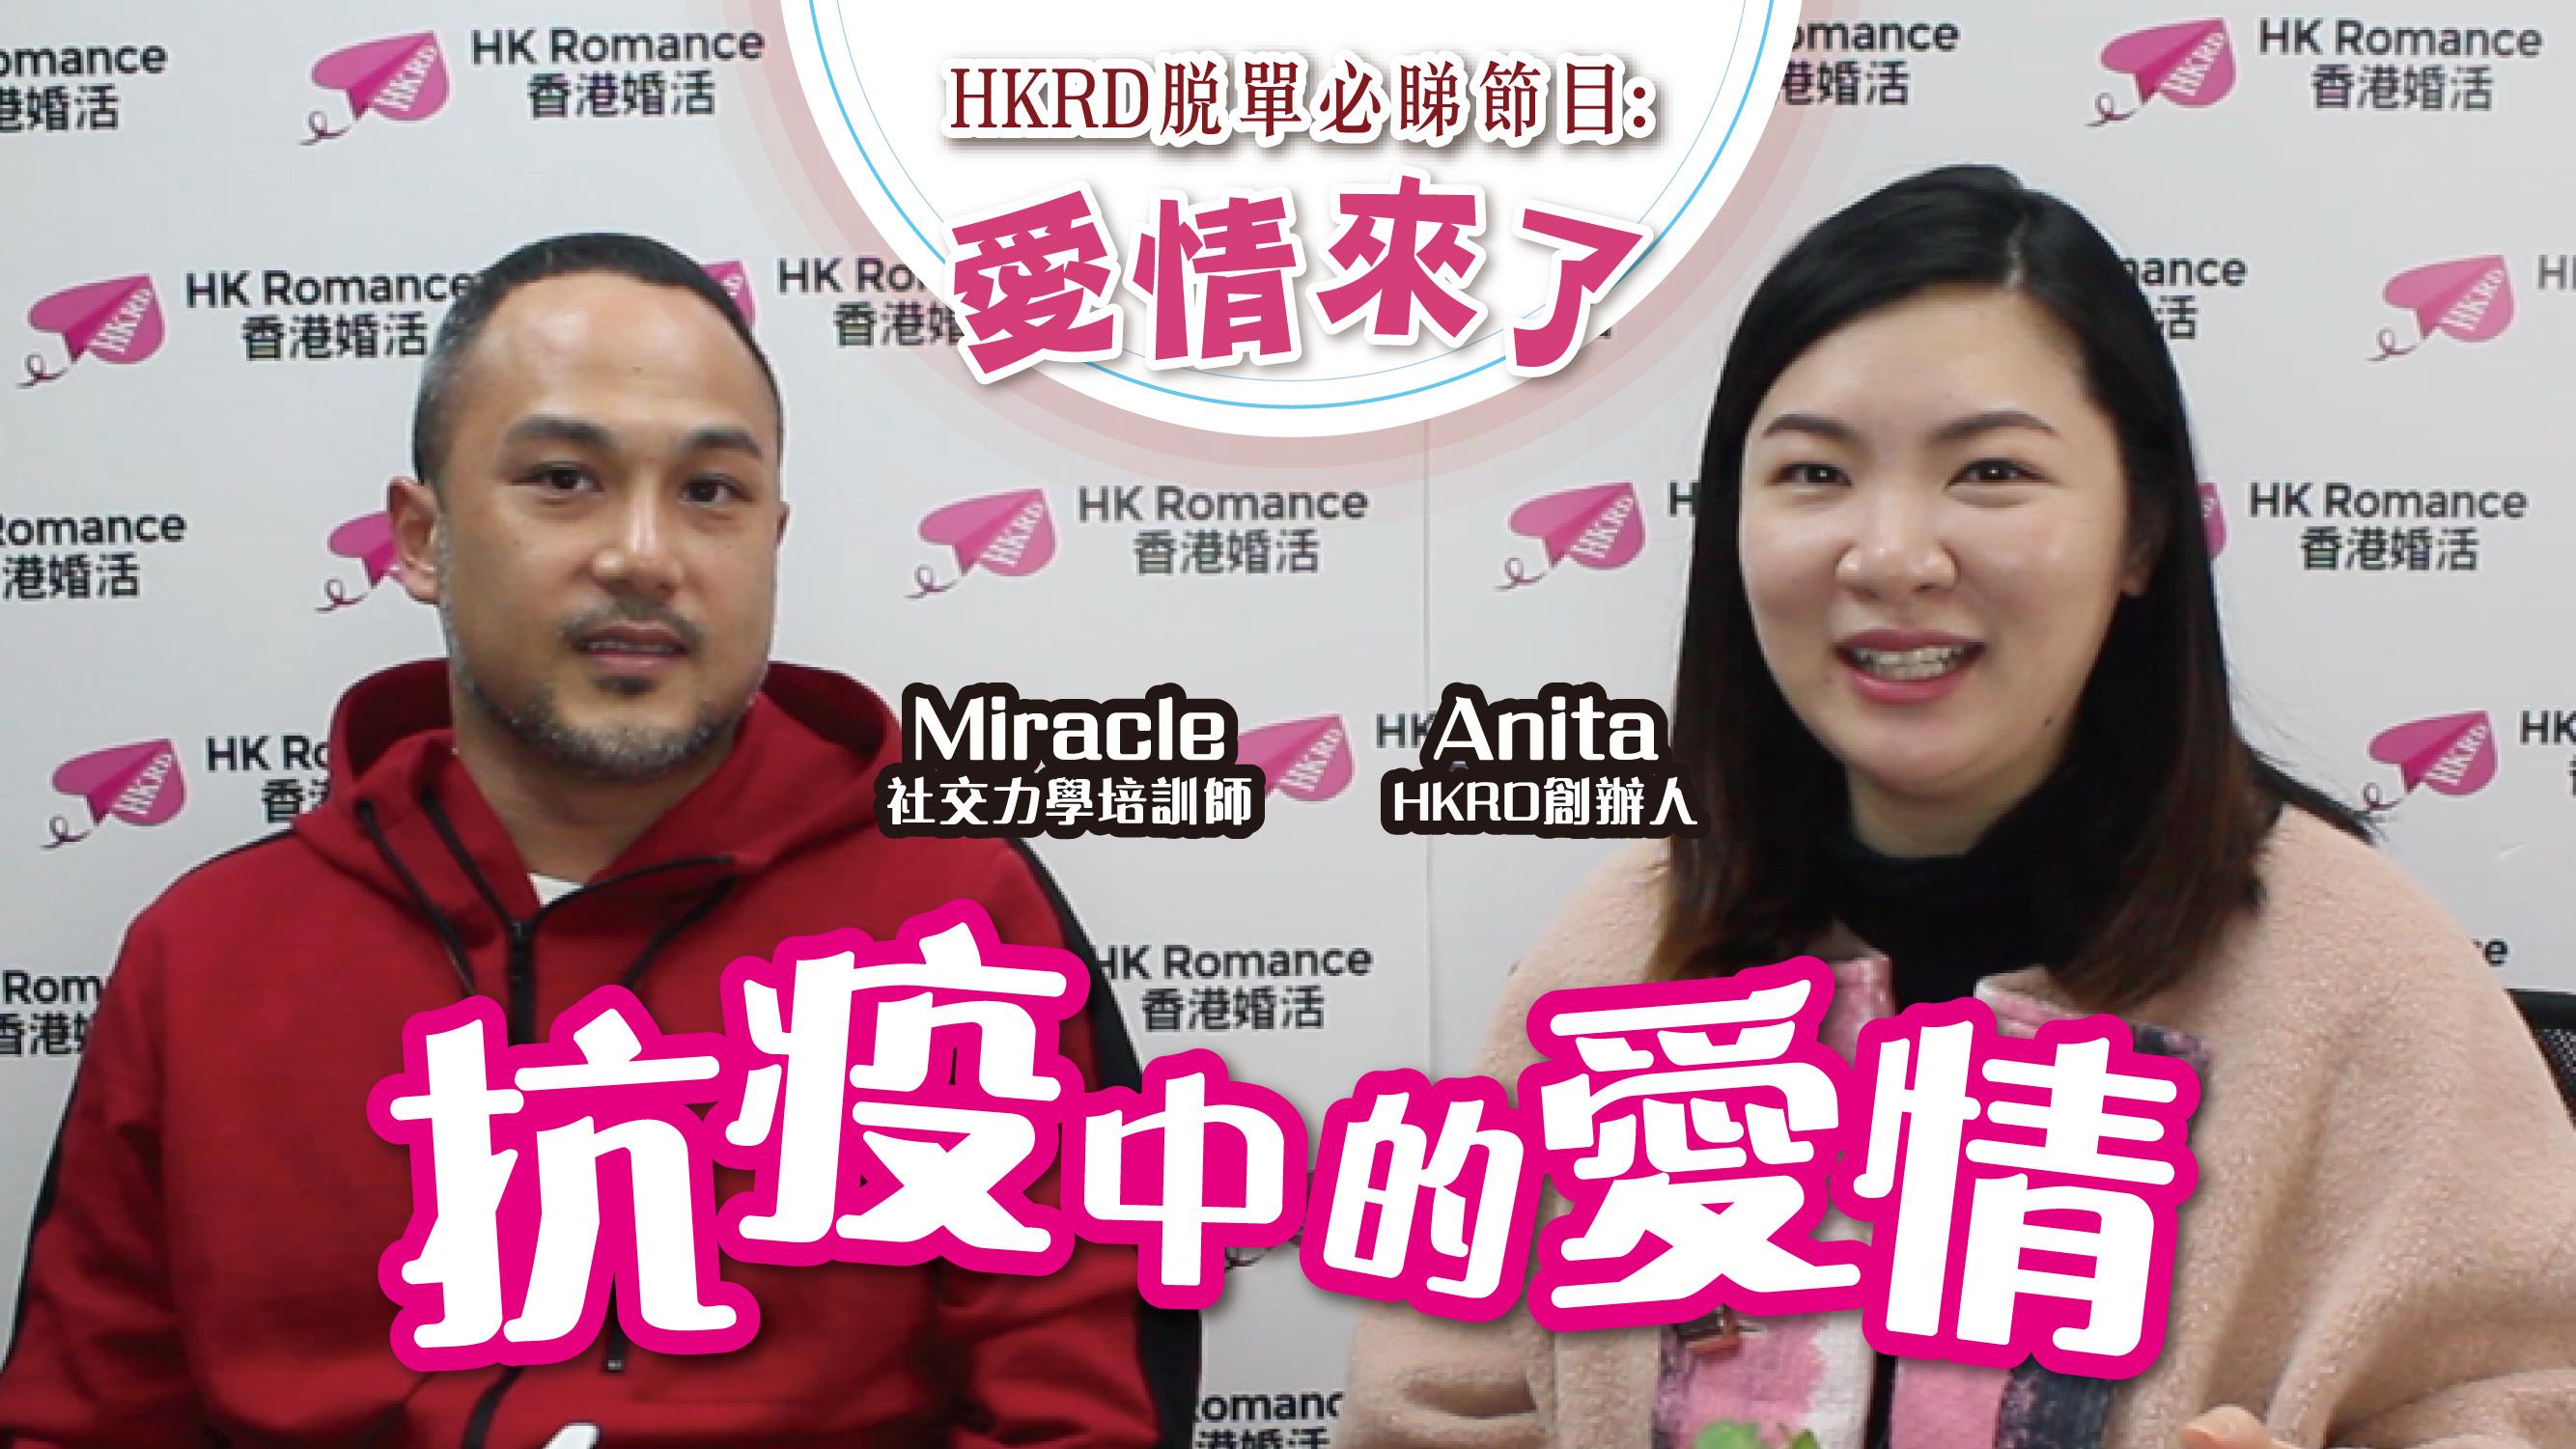 疫情下交友約會業如何自處? 香港交友約會業總會 Hong Kong Speed Dating Federation - 一對一約會, 單對單約會, 約會行業, 約會配對